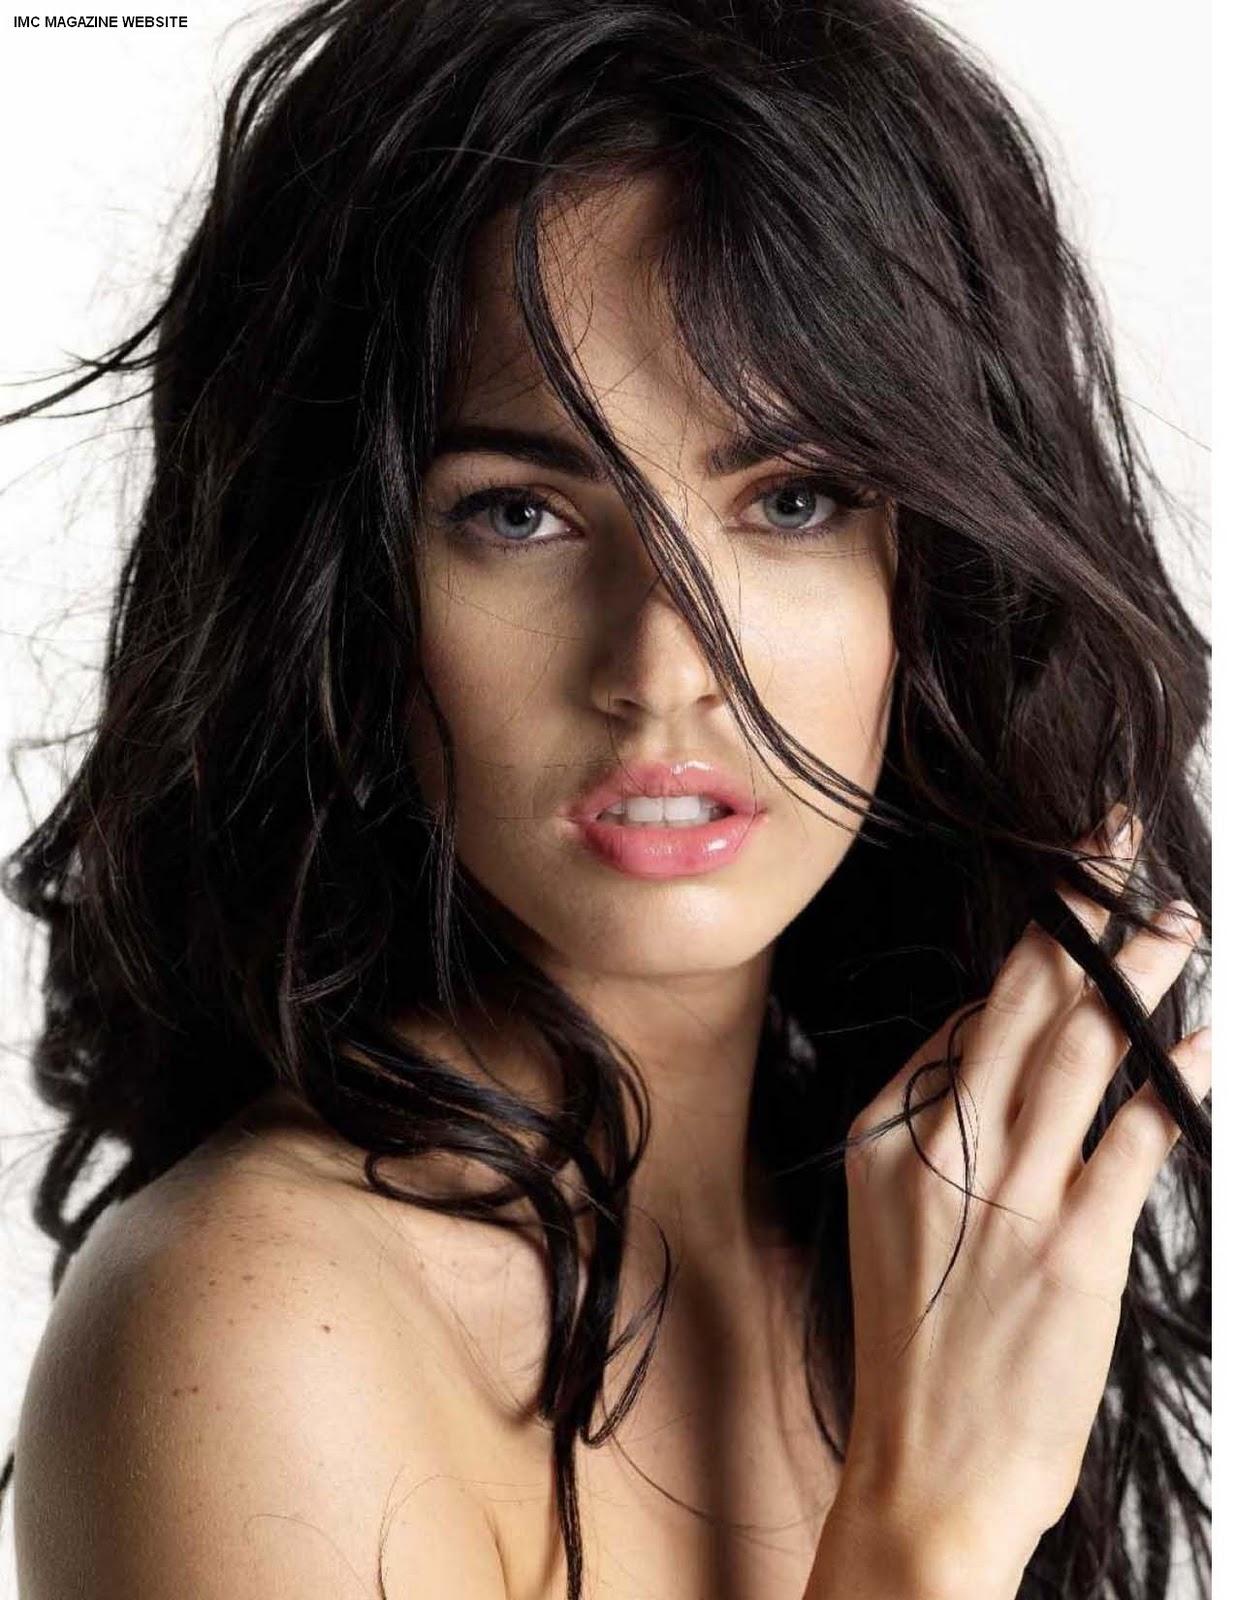 Beautiful Hollywood Cute Actress Megan Fox Photo Gallery